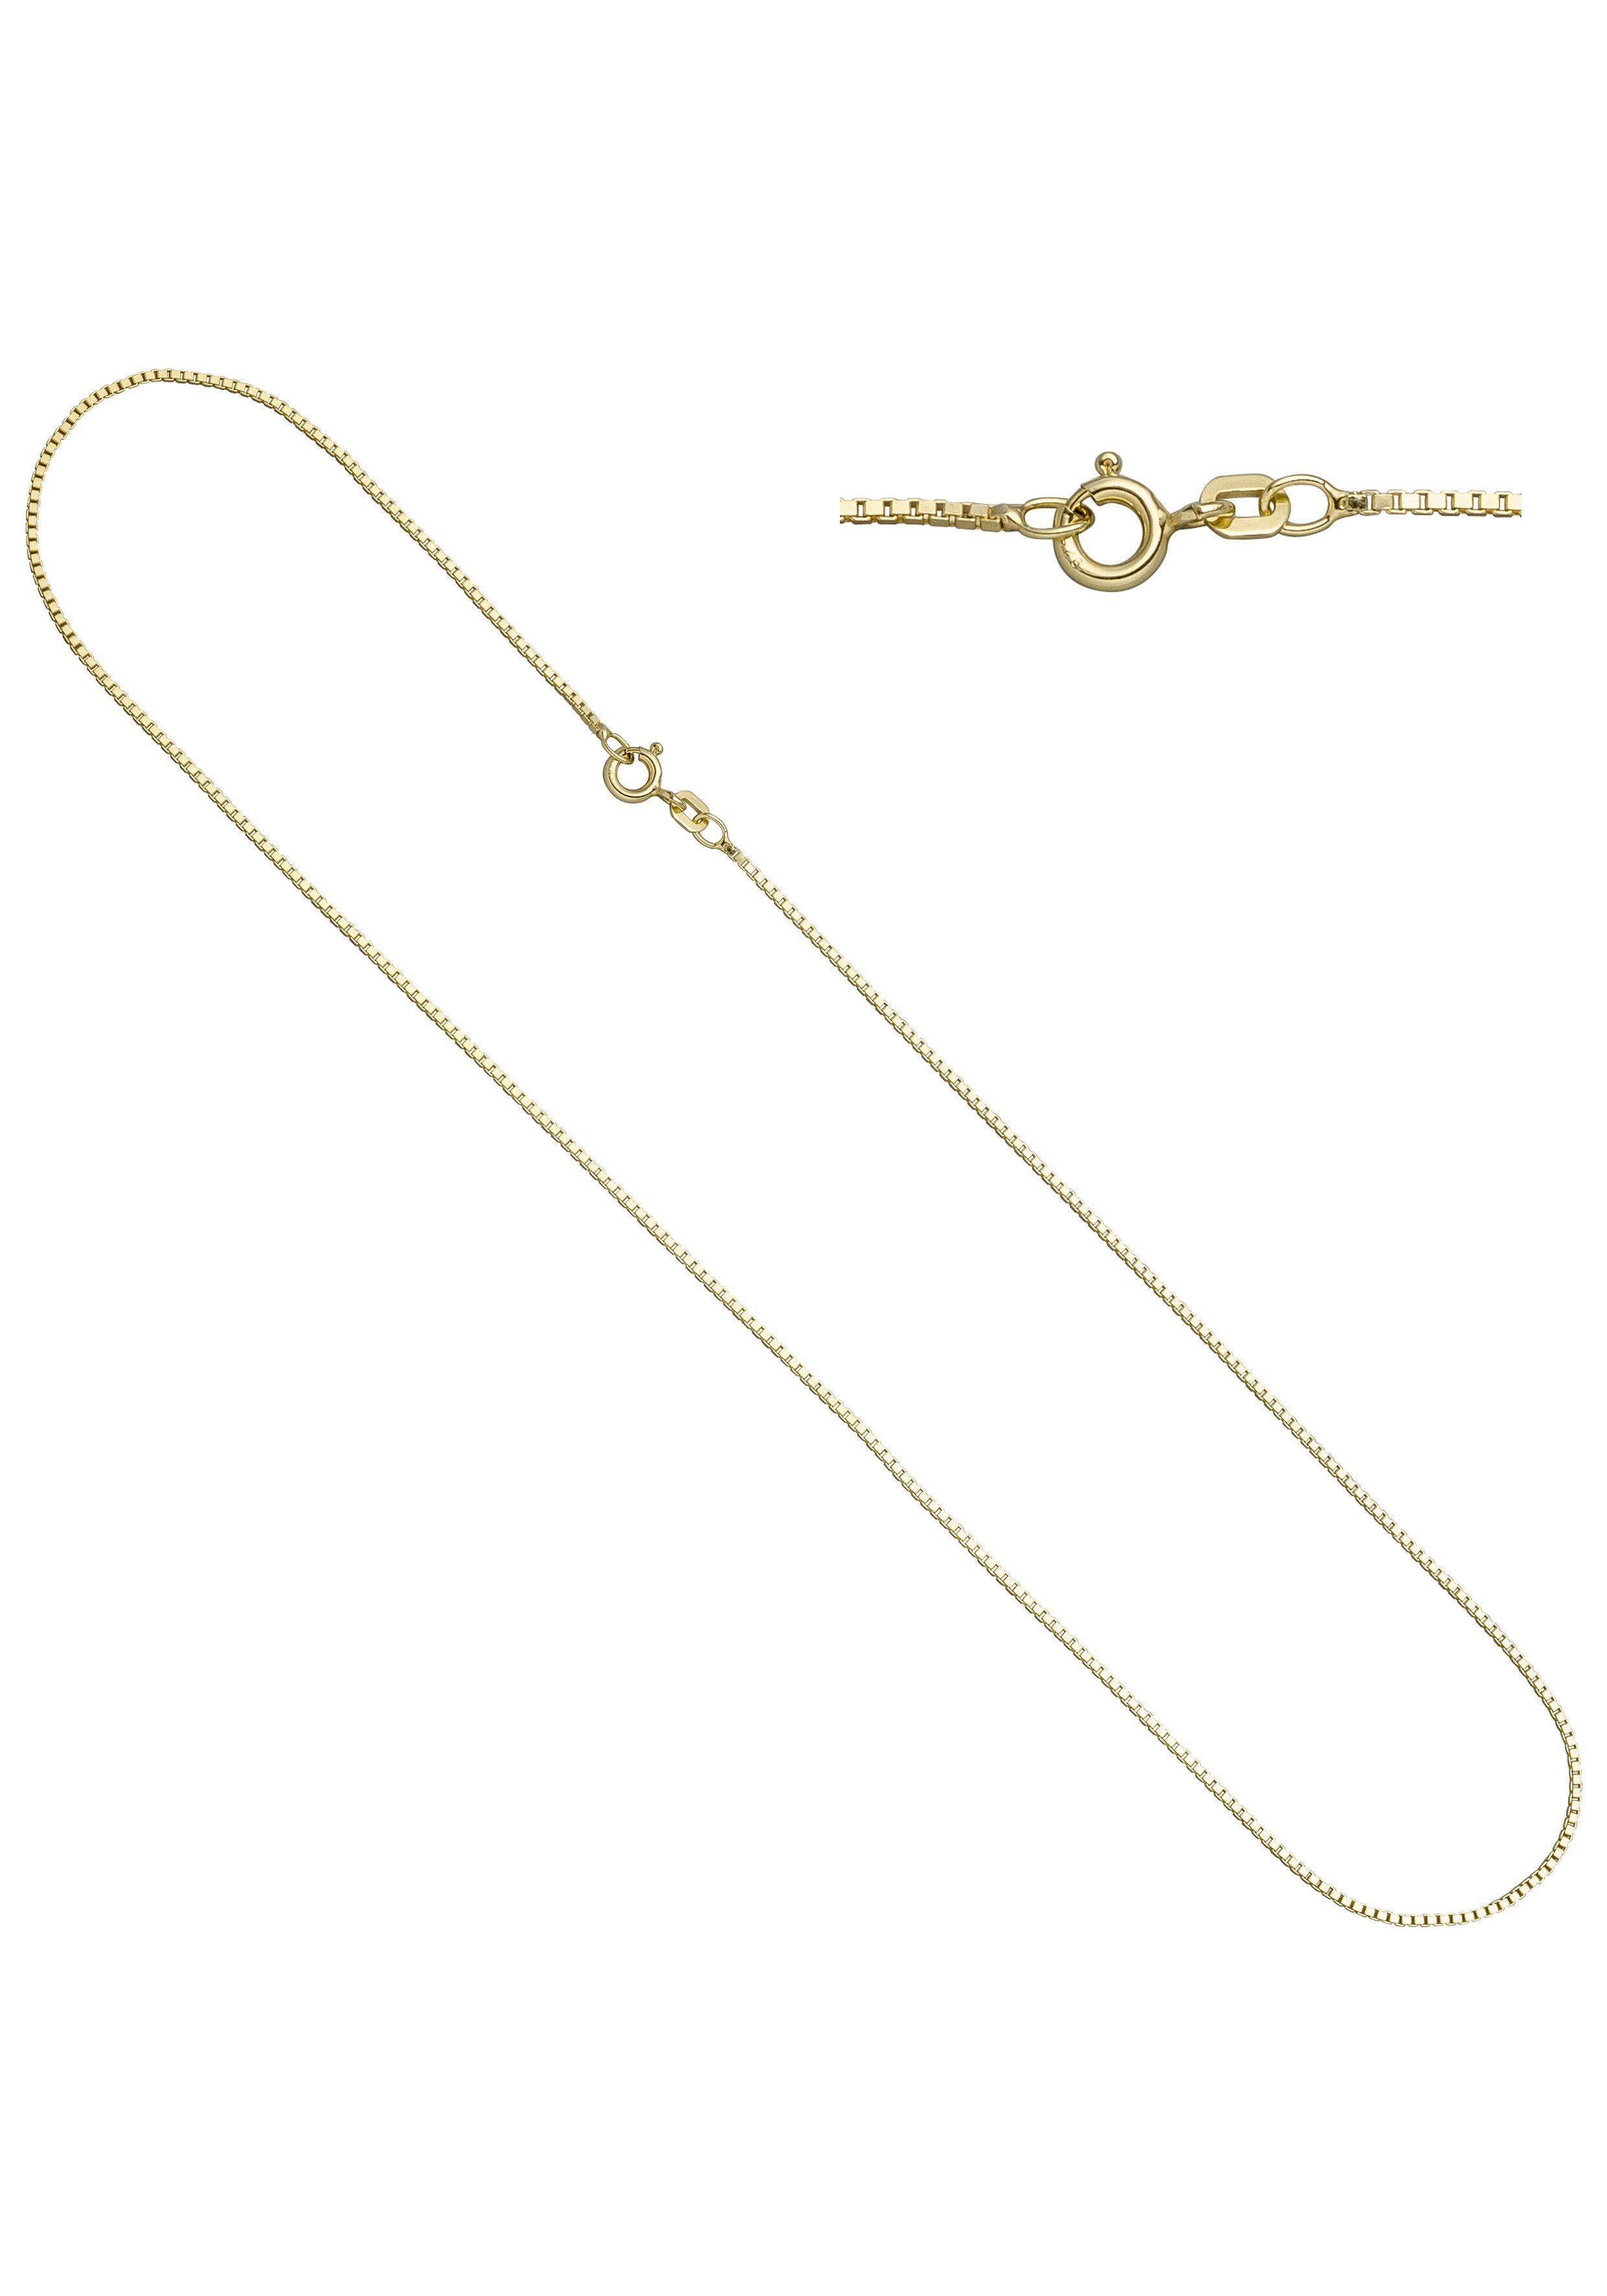 JOBO Kette ohne Anhänger Venezianerkette 925 Silber vergoldet 45 cm 0,9 mm